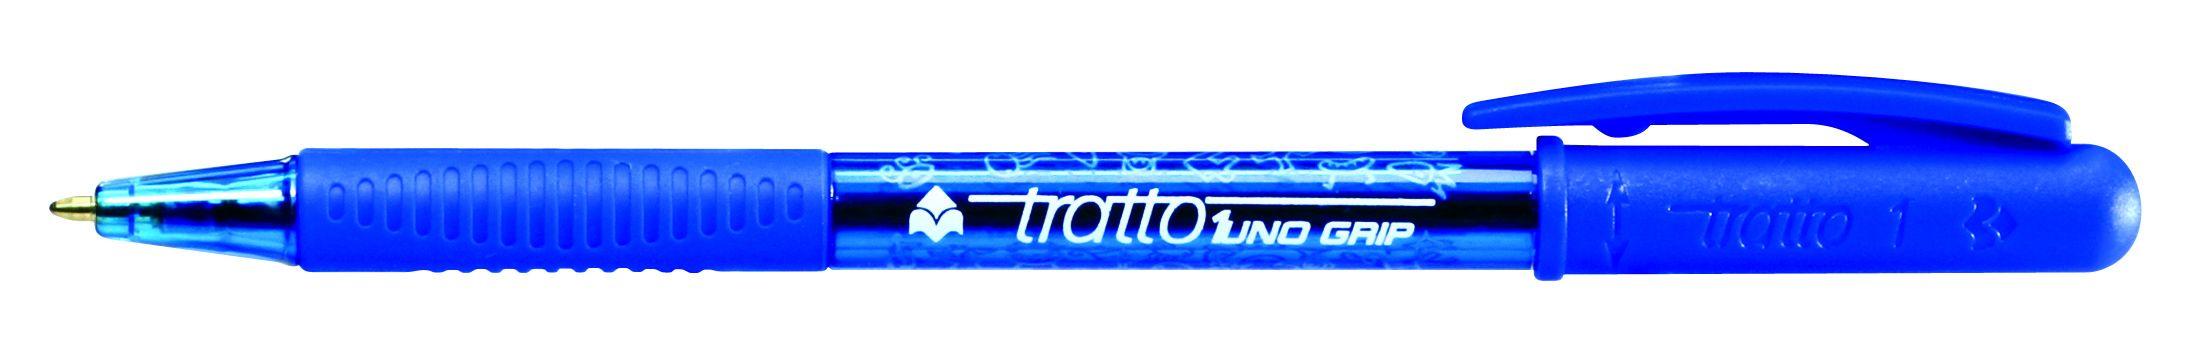 Ручка шариковая Tratto 1 синяя поворот 1мм